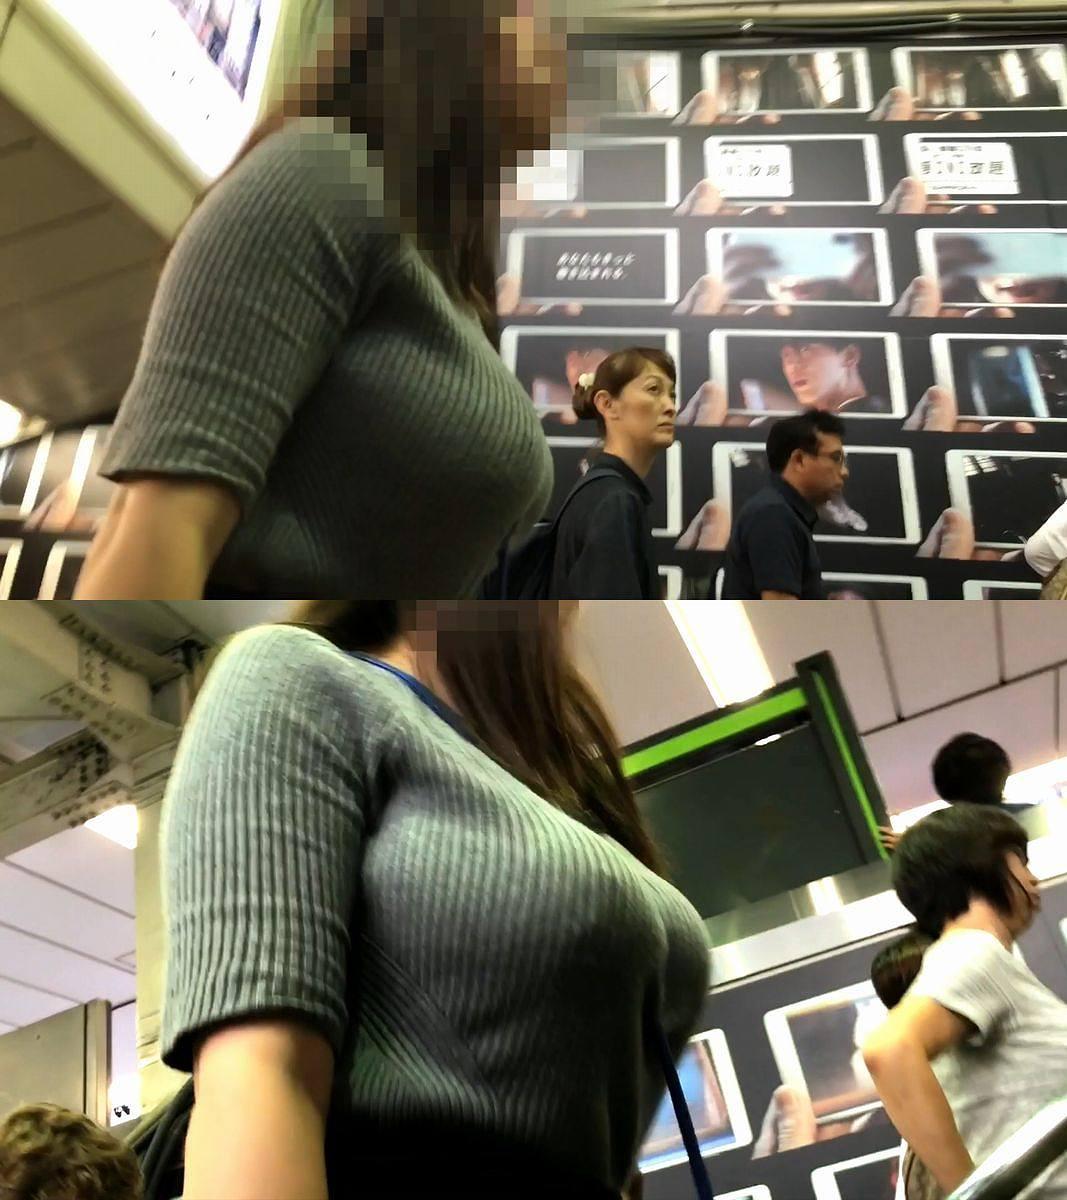 デカパイ女性の胸元を接写撮りしてる!